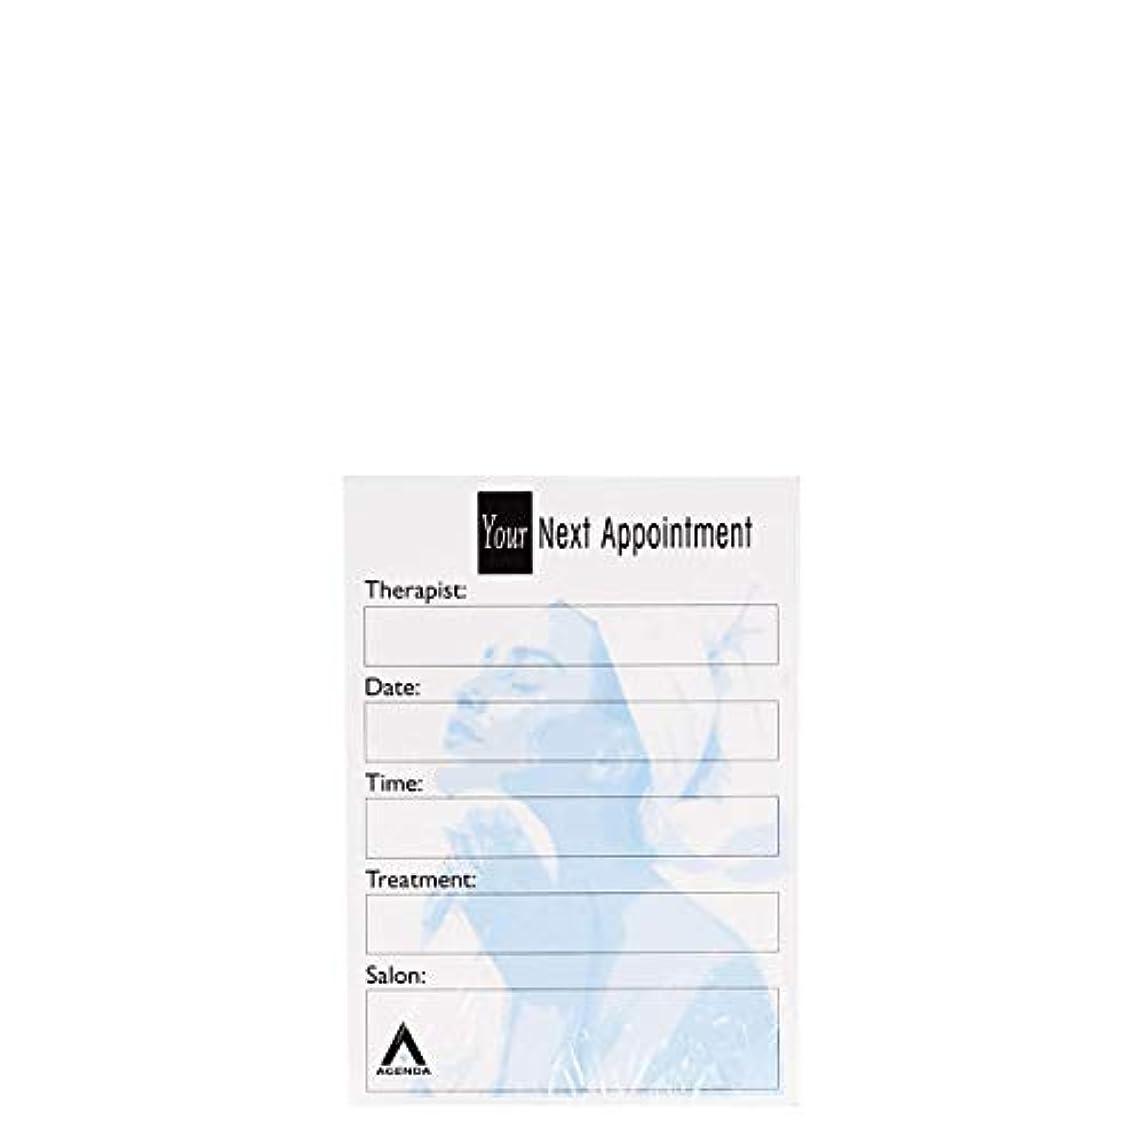 突っ込む第二に制限アジェンダ サロンコンセプト ネイルアポイントメントカードAP7B x100[海外直送品] [並行輸入品]